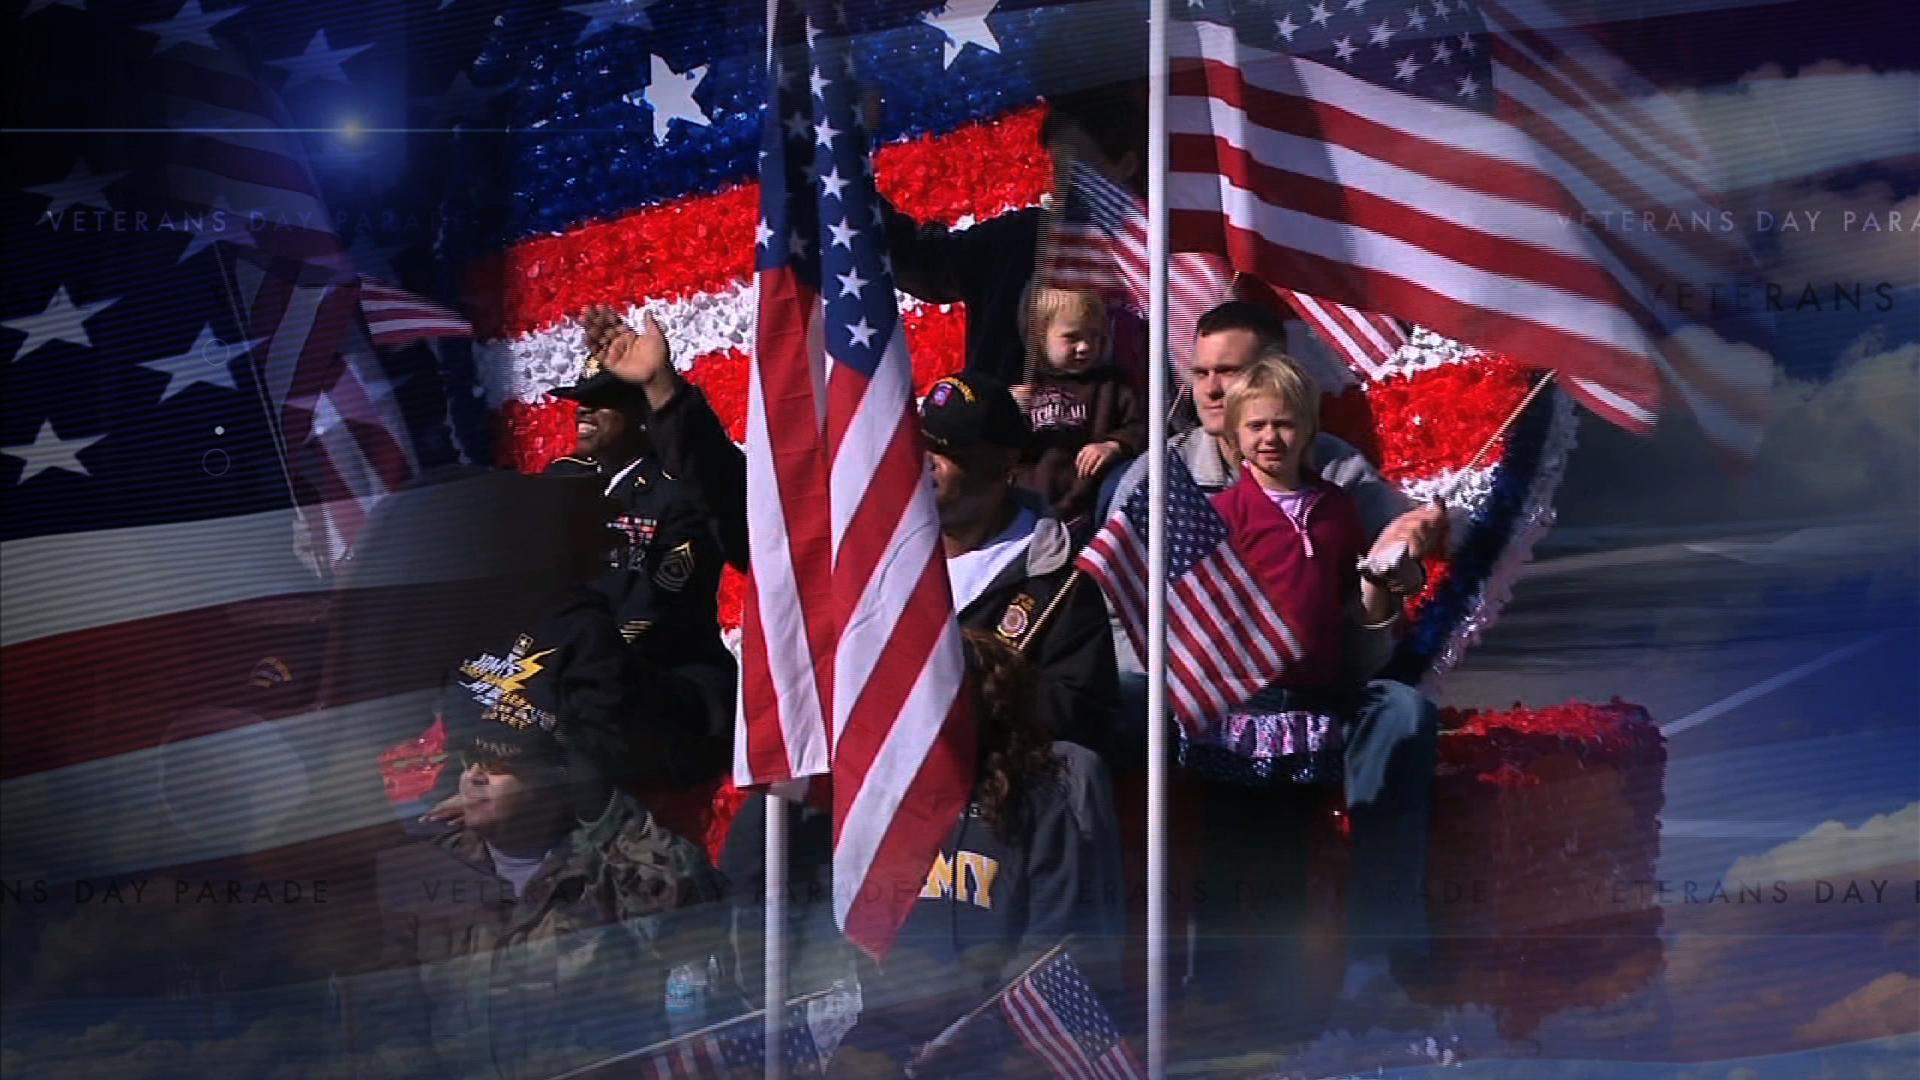 veterans day screensavers and wallpaper wallpapersafari